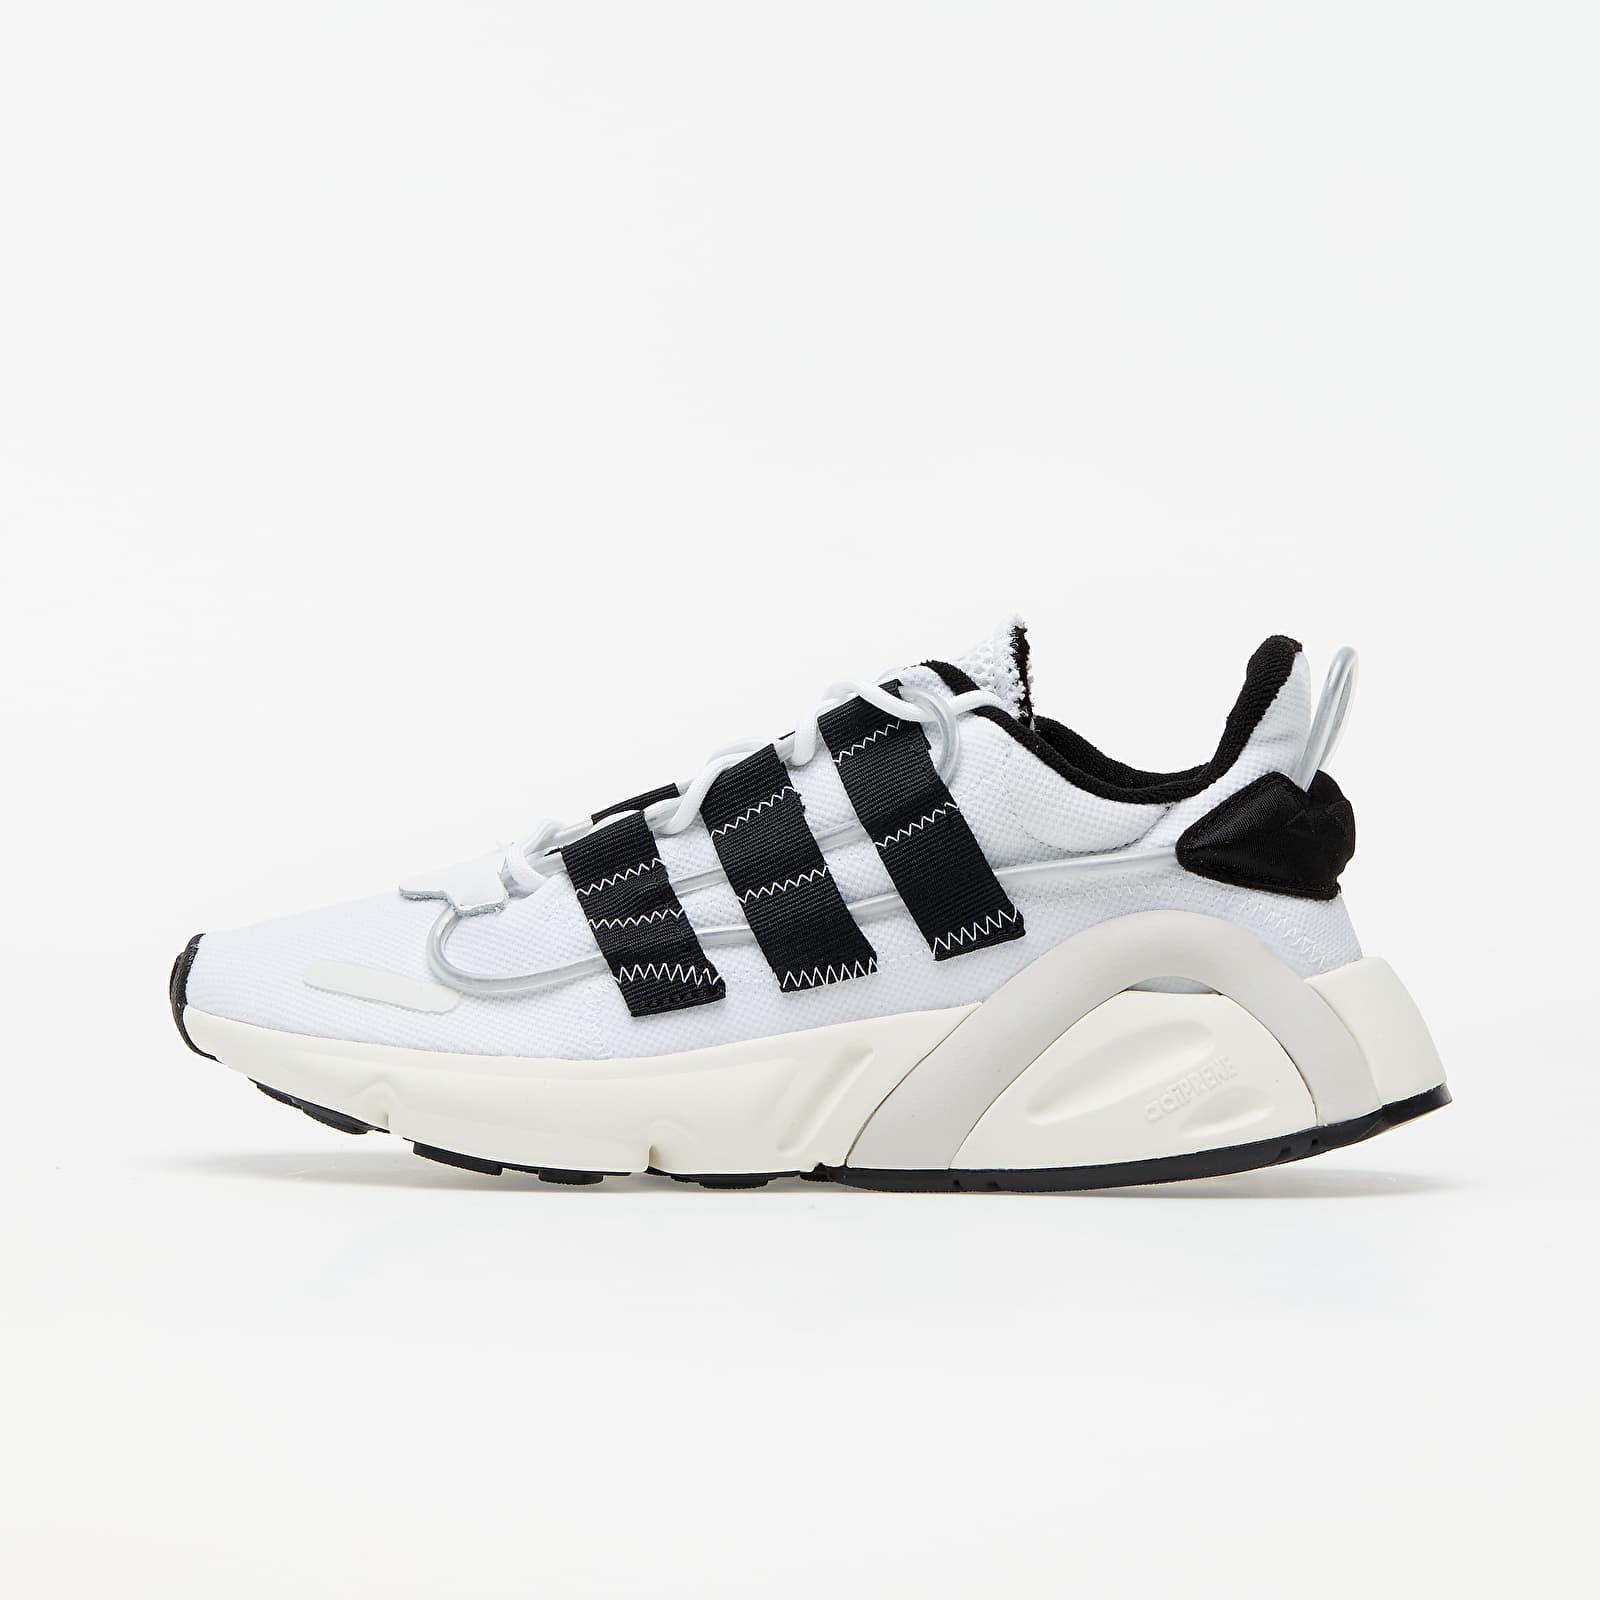 Γυναικεία παπούτσια adidas LXCON W Ftw White/ Core Black/ Crystal White